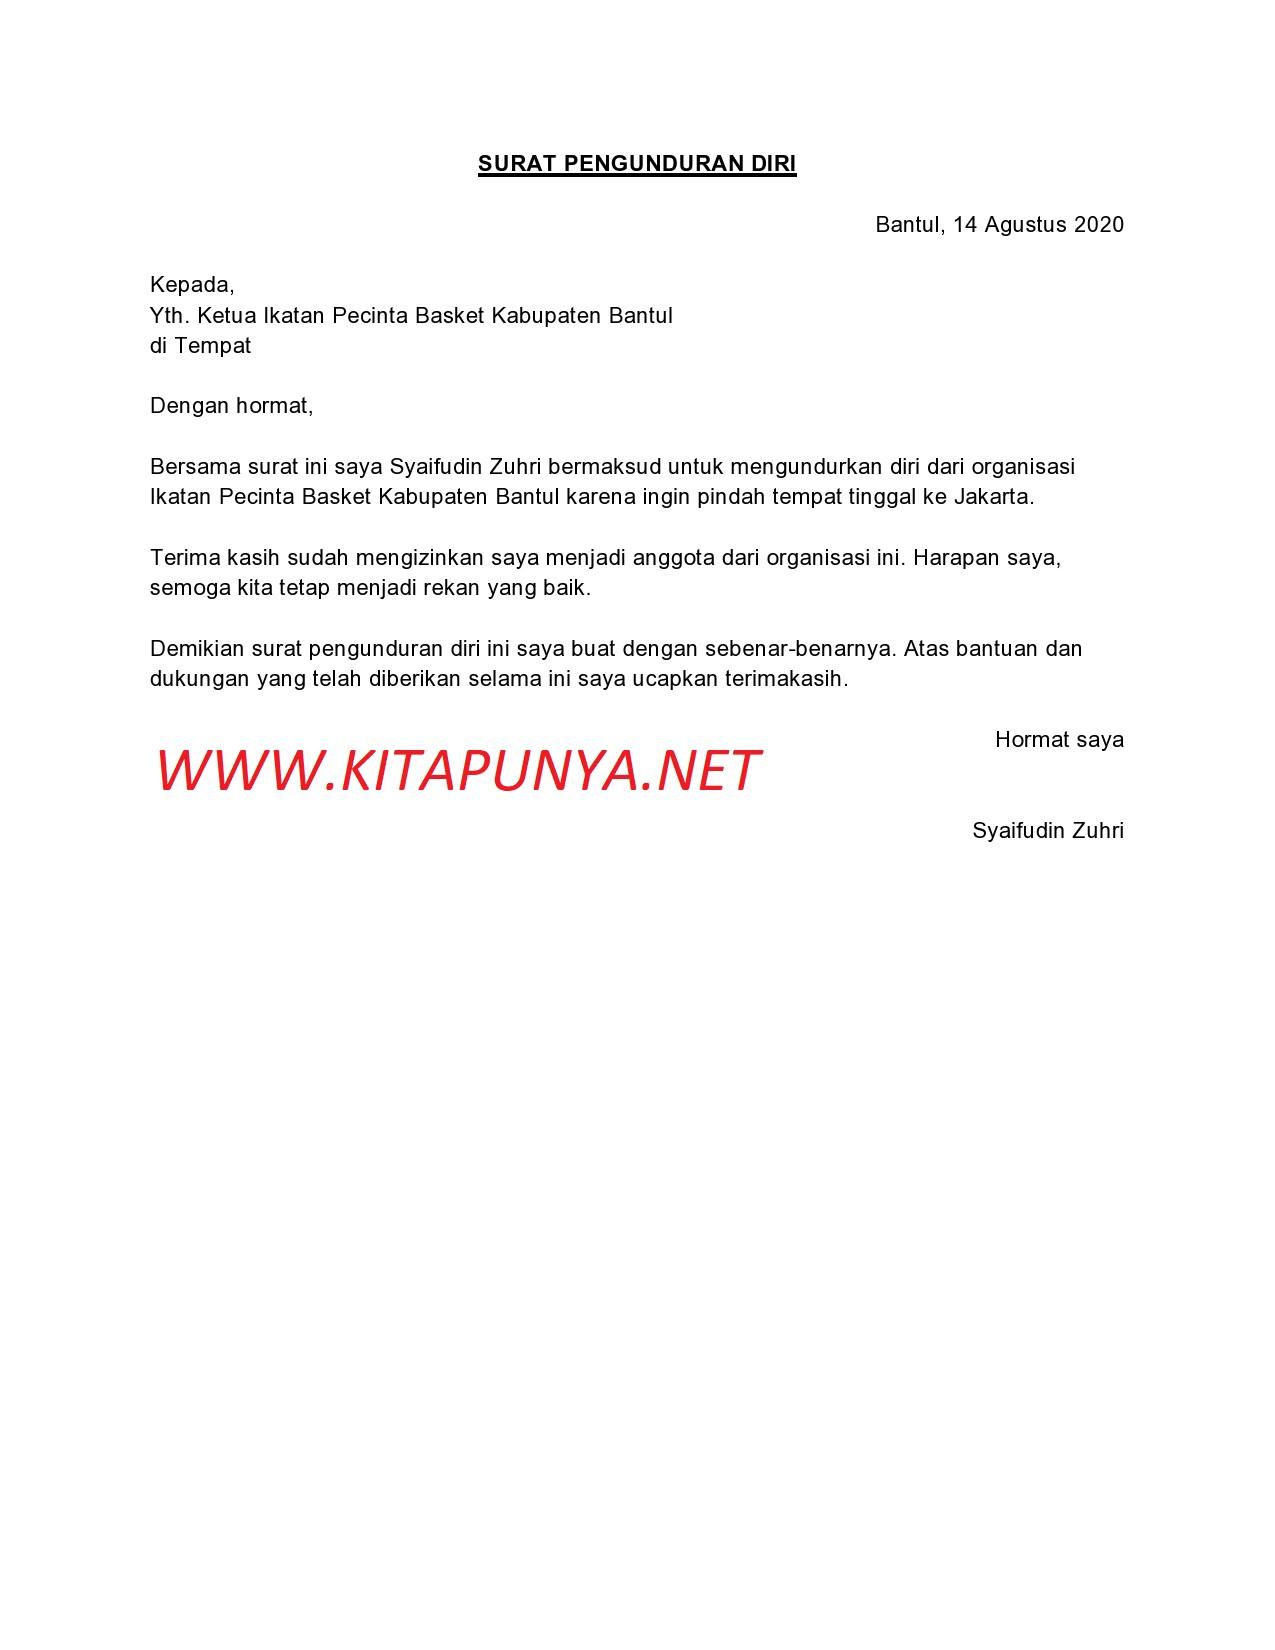 9 Contoh Surat Pengunduran Diri dari Organisasi Format ...